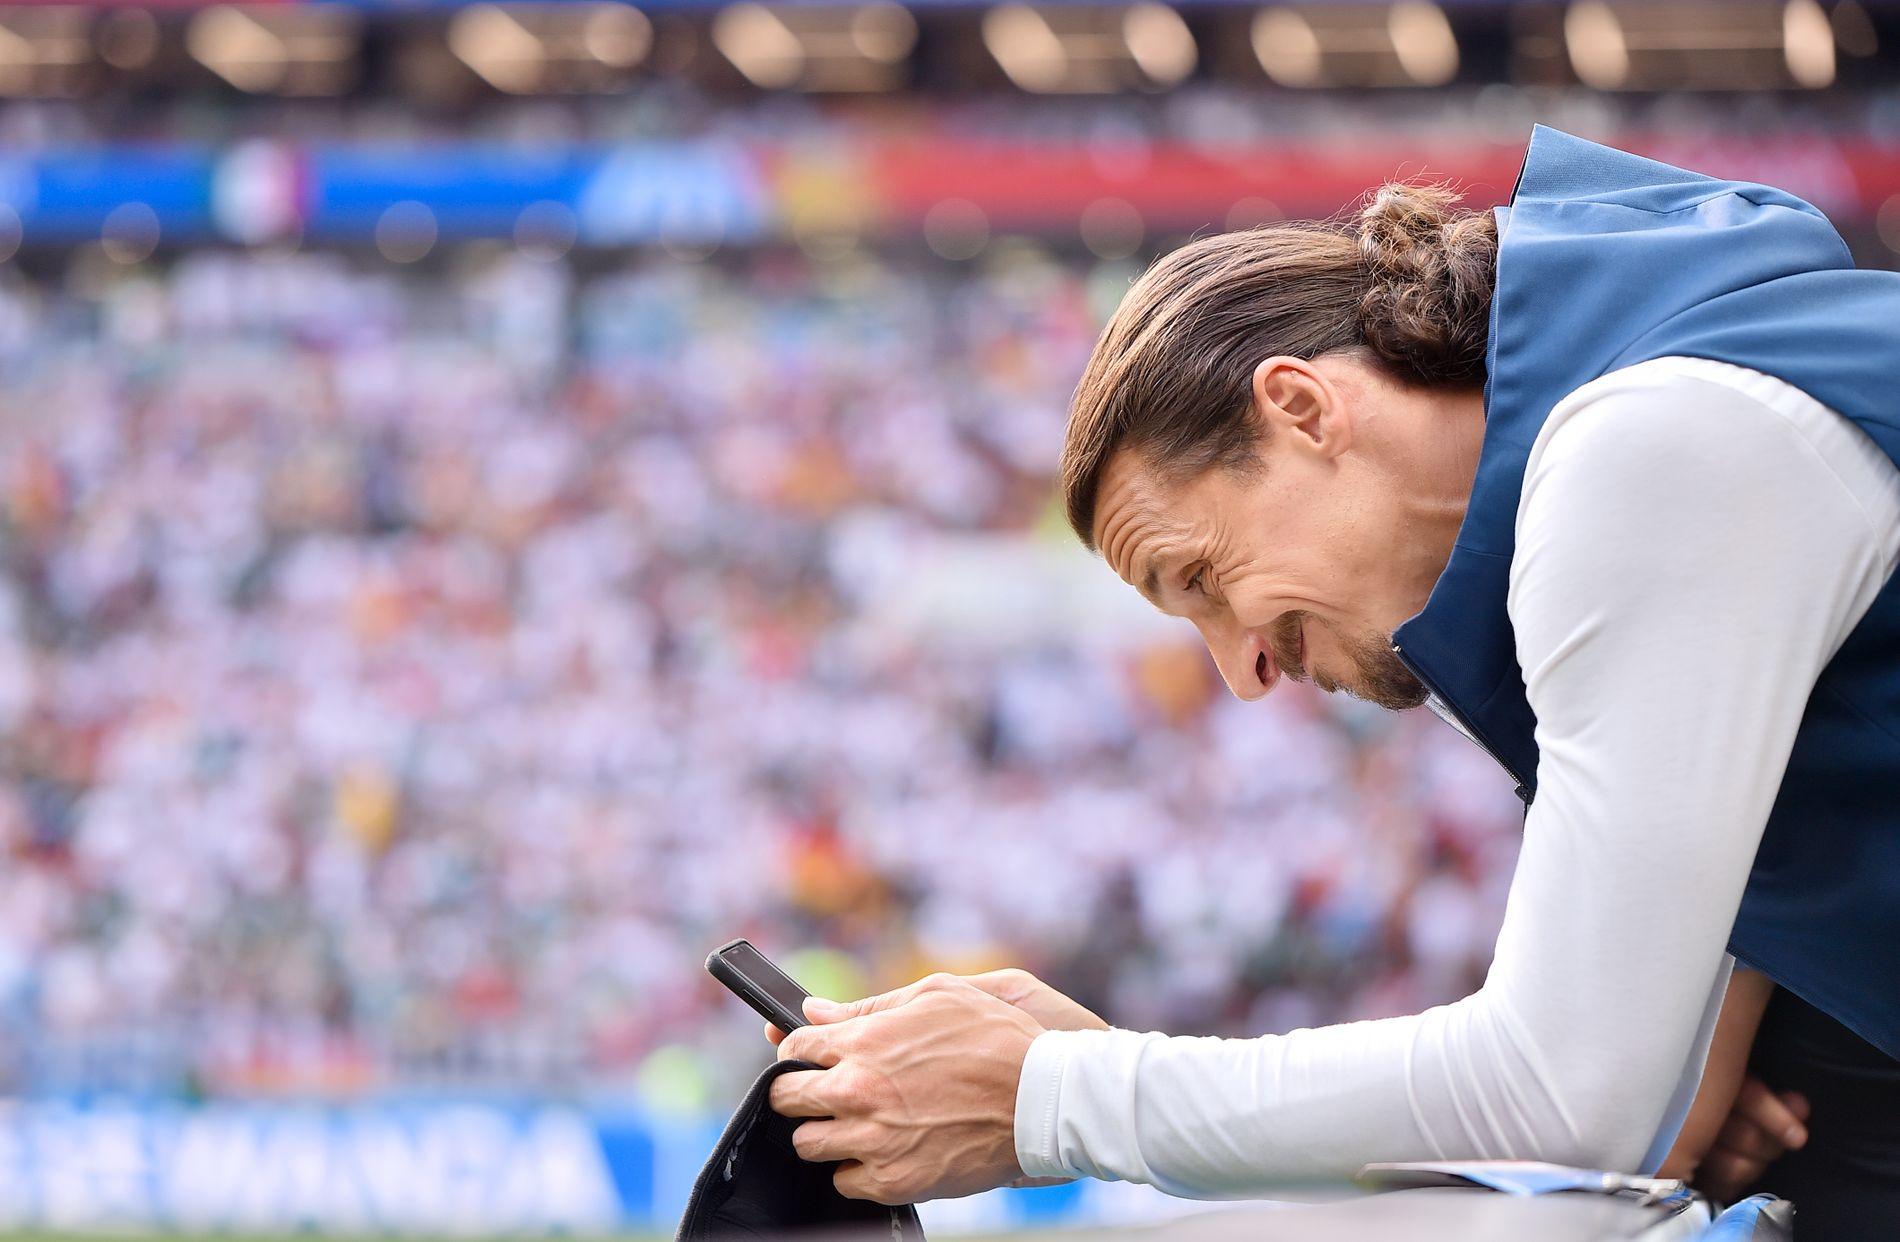 TILSKUER: Zlatan Ibrahimovic smiler til mobilkameraet i Moskva. Kan vi få en svensk bragd uten hundreårets største svenske?